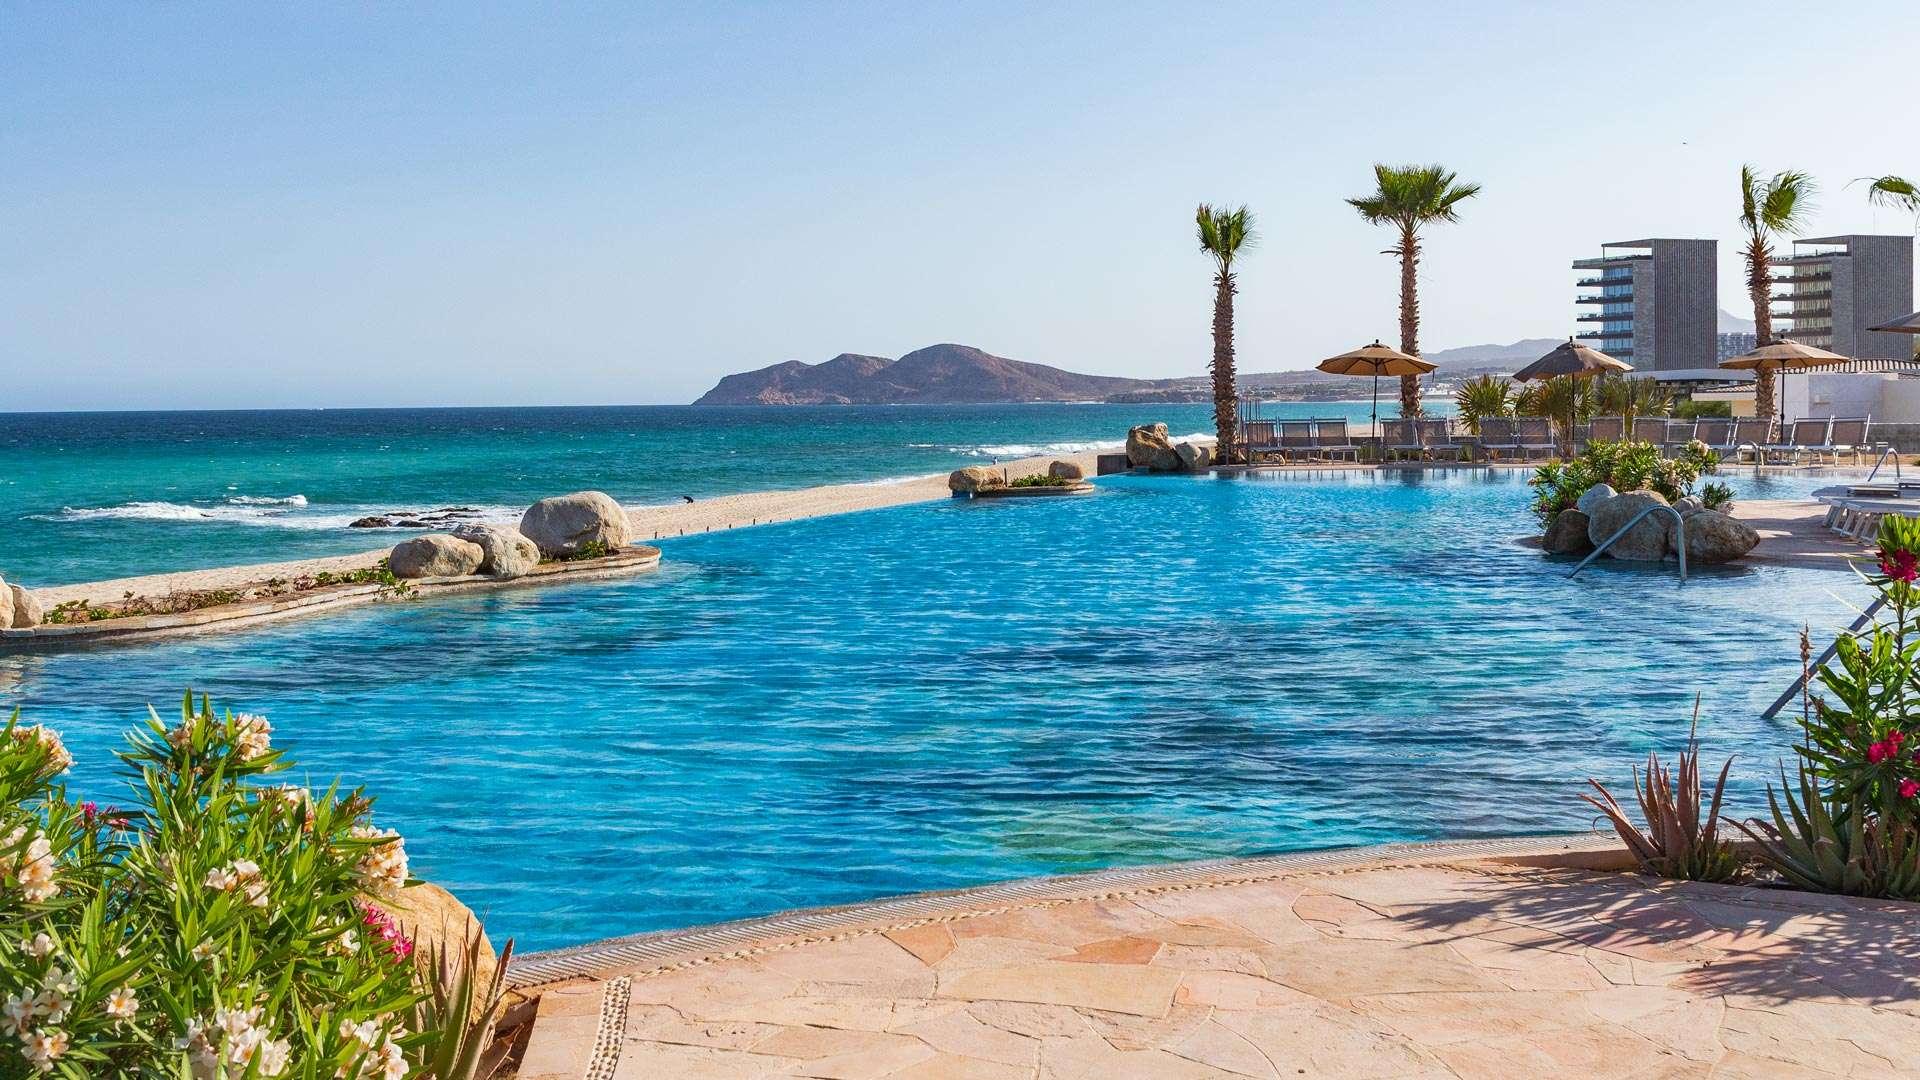 Optimizada villa la valencia beach resort and spa pools 14